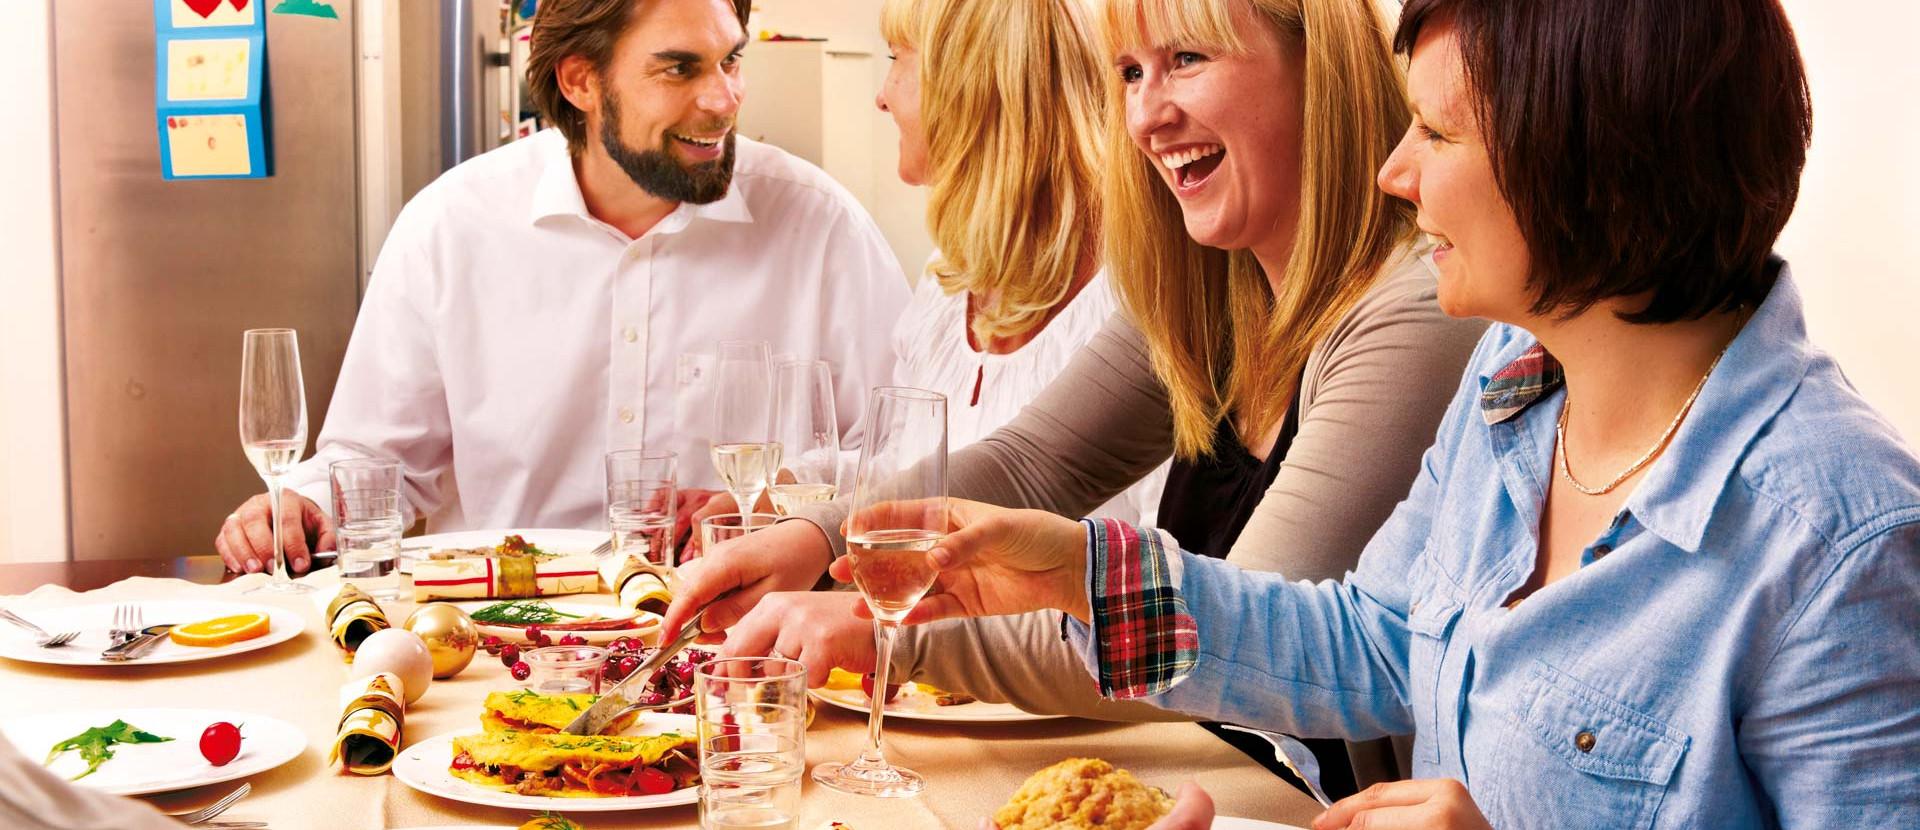 drei Frauen und ein Mann sitzen beim Adventsfrühstück